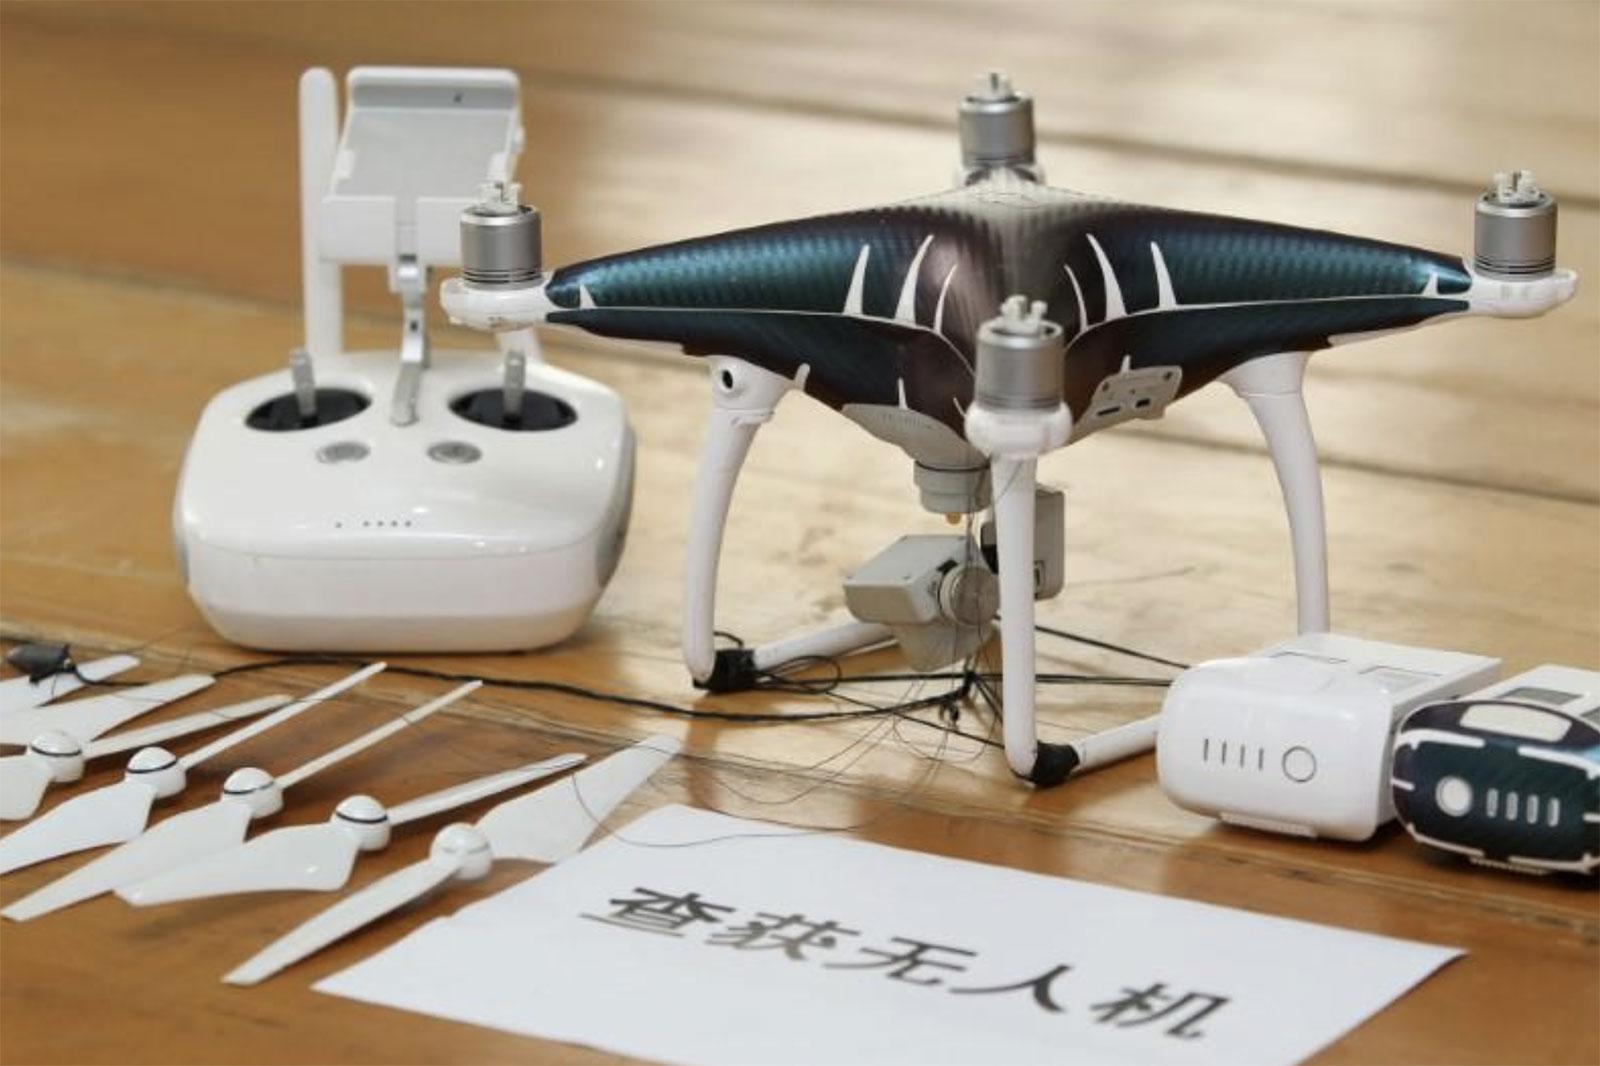 Dron utilizado por los detenidos para pasar iPhones de Hong Kong a China